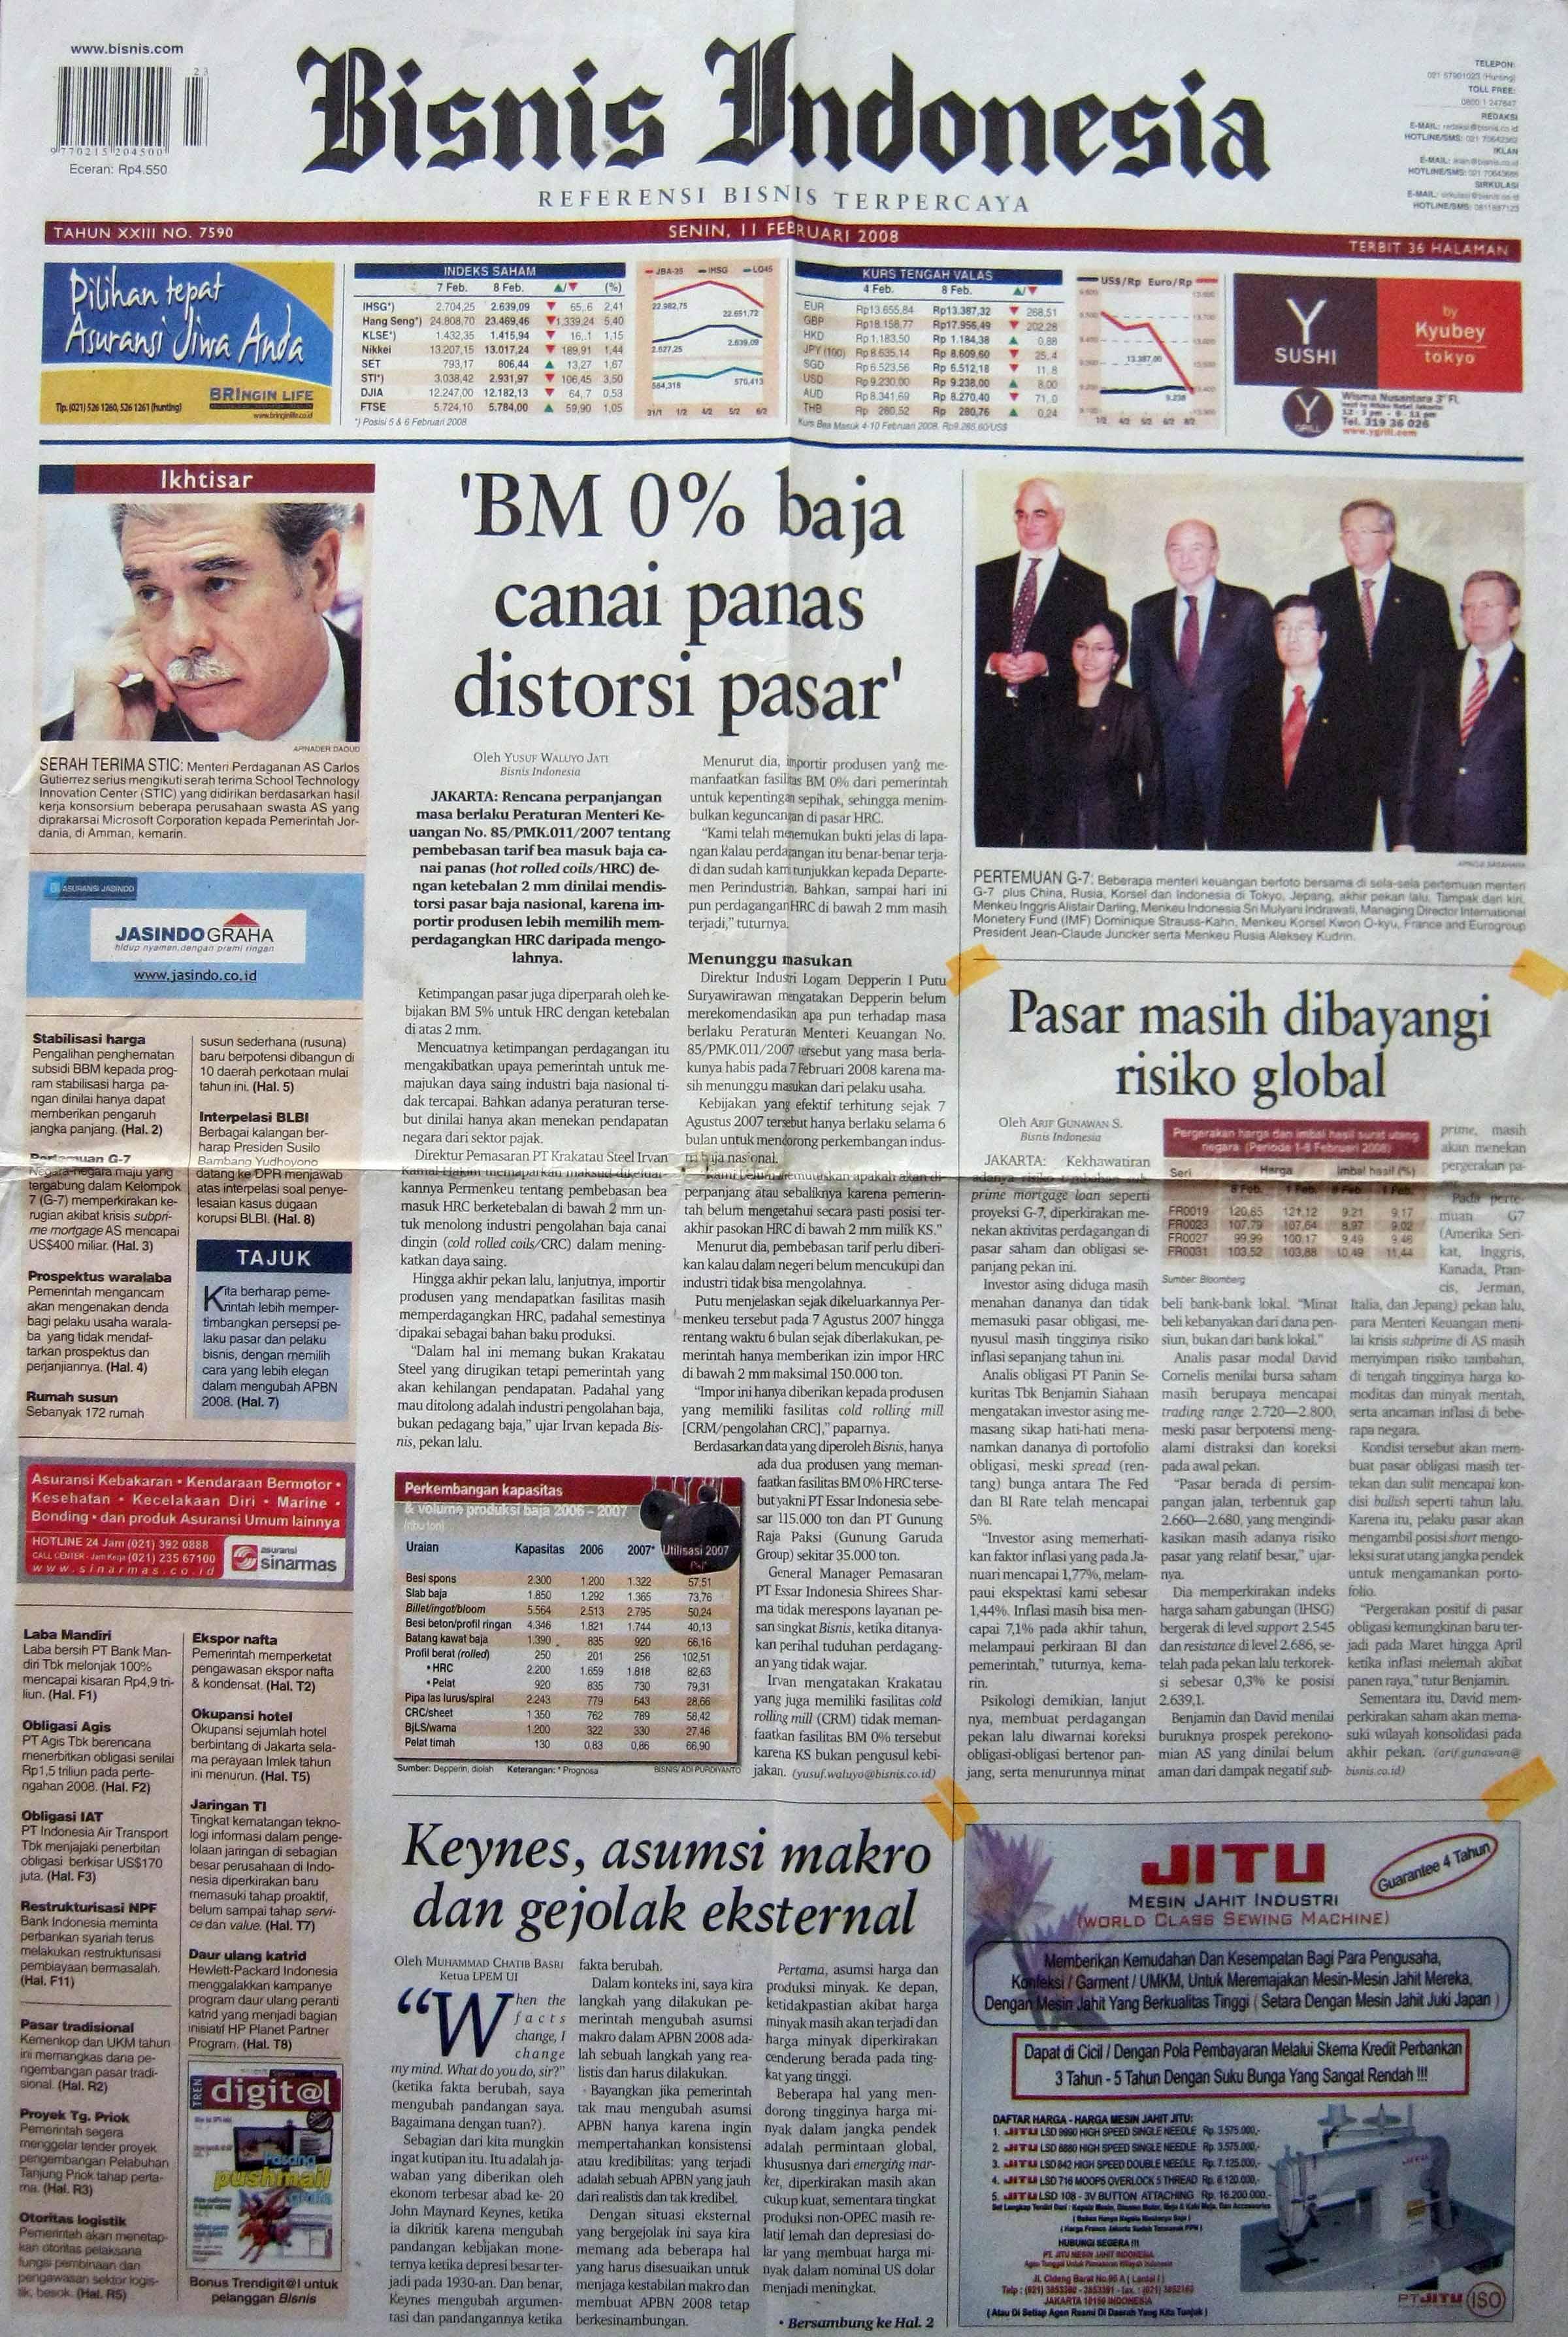 16. 11 Februari 2008 - Pasar Masih Dibayangi Risiko  Global